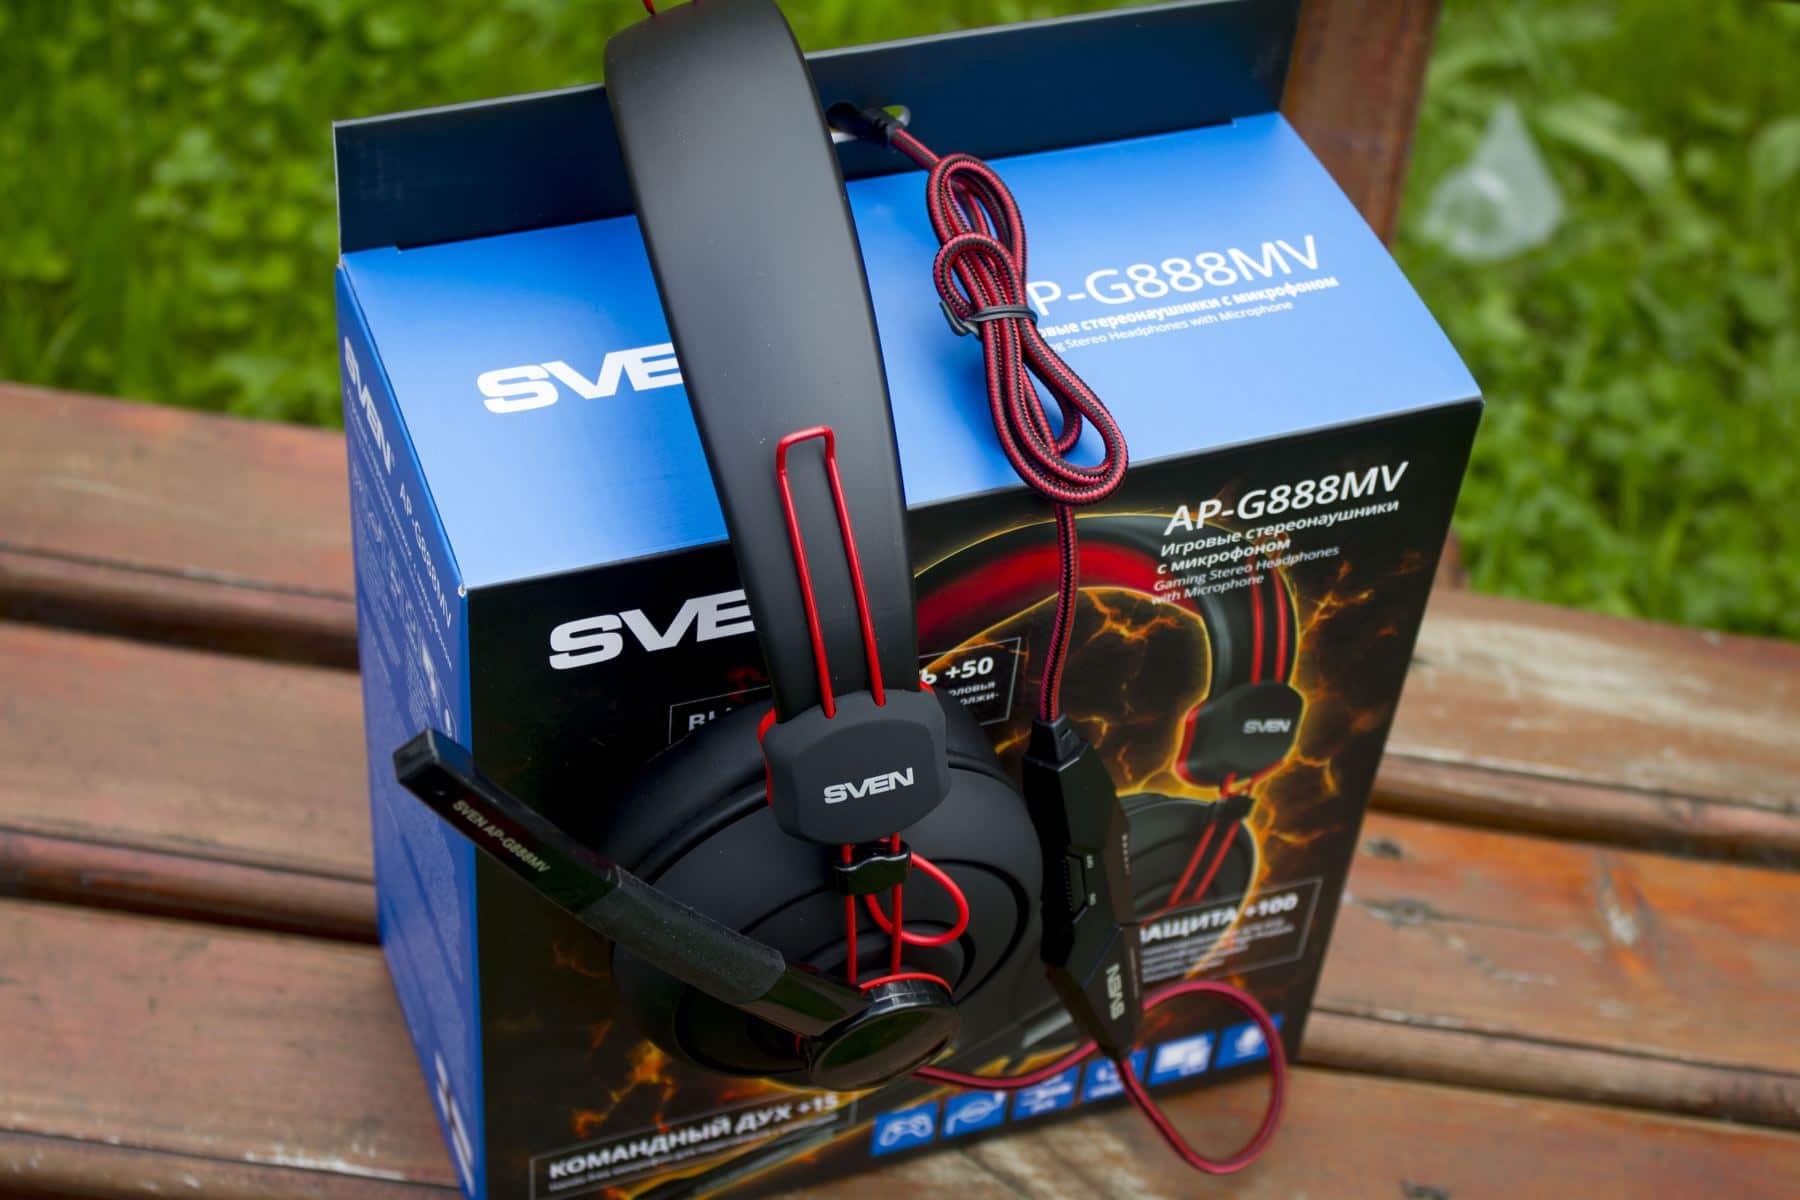 Обзор игровых наушников Sven AP-G888MV